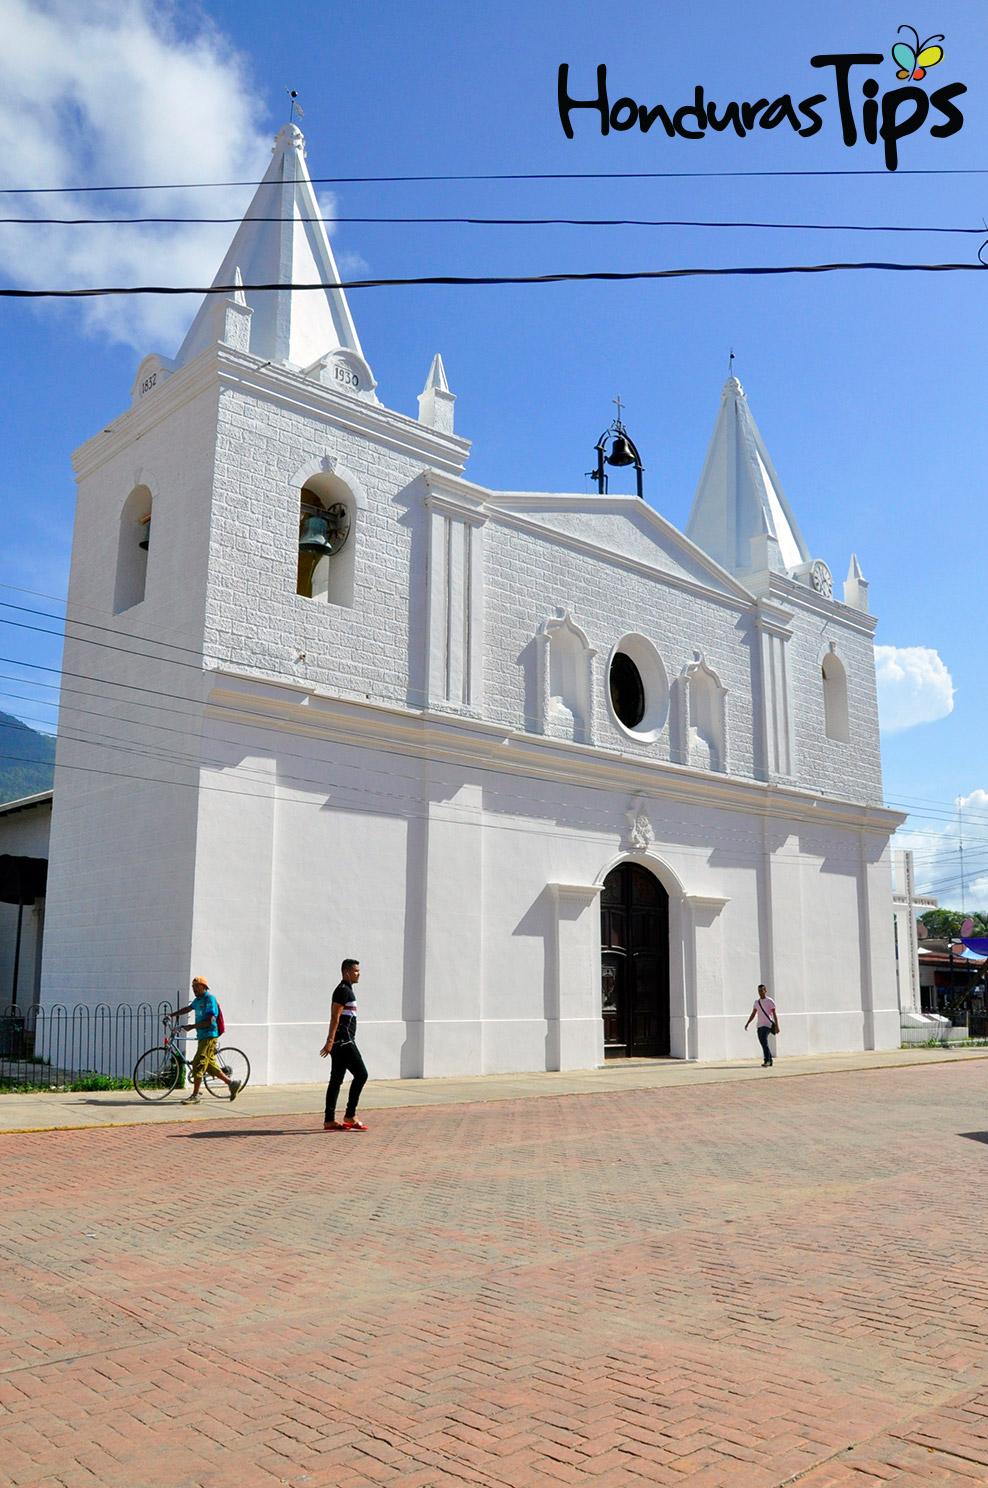 El casco histórico de Trujillo impresionó a los visitantes.